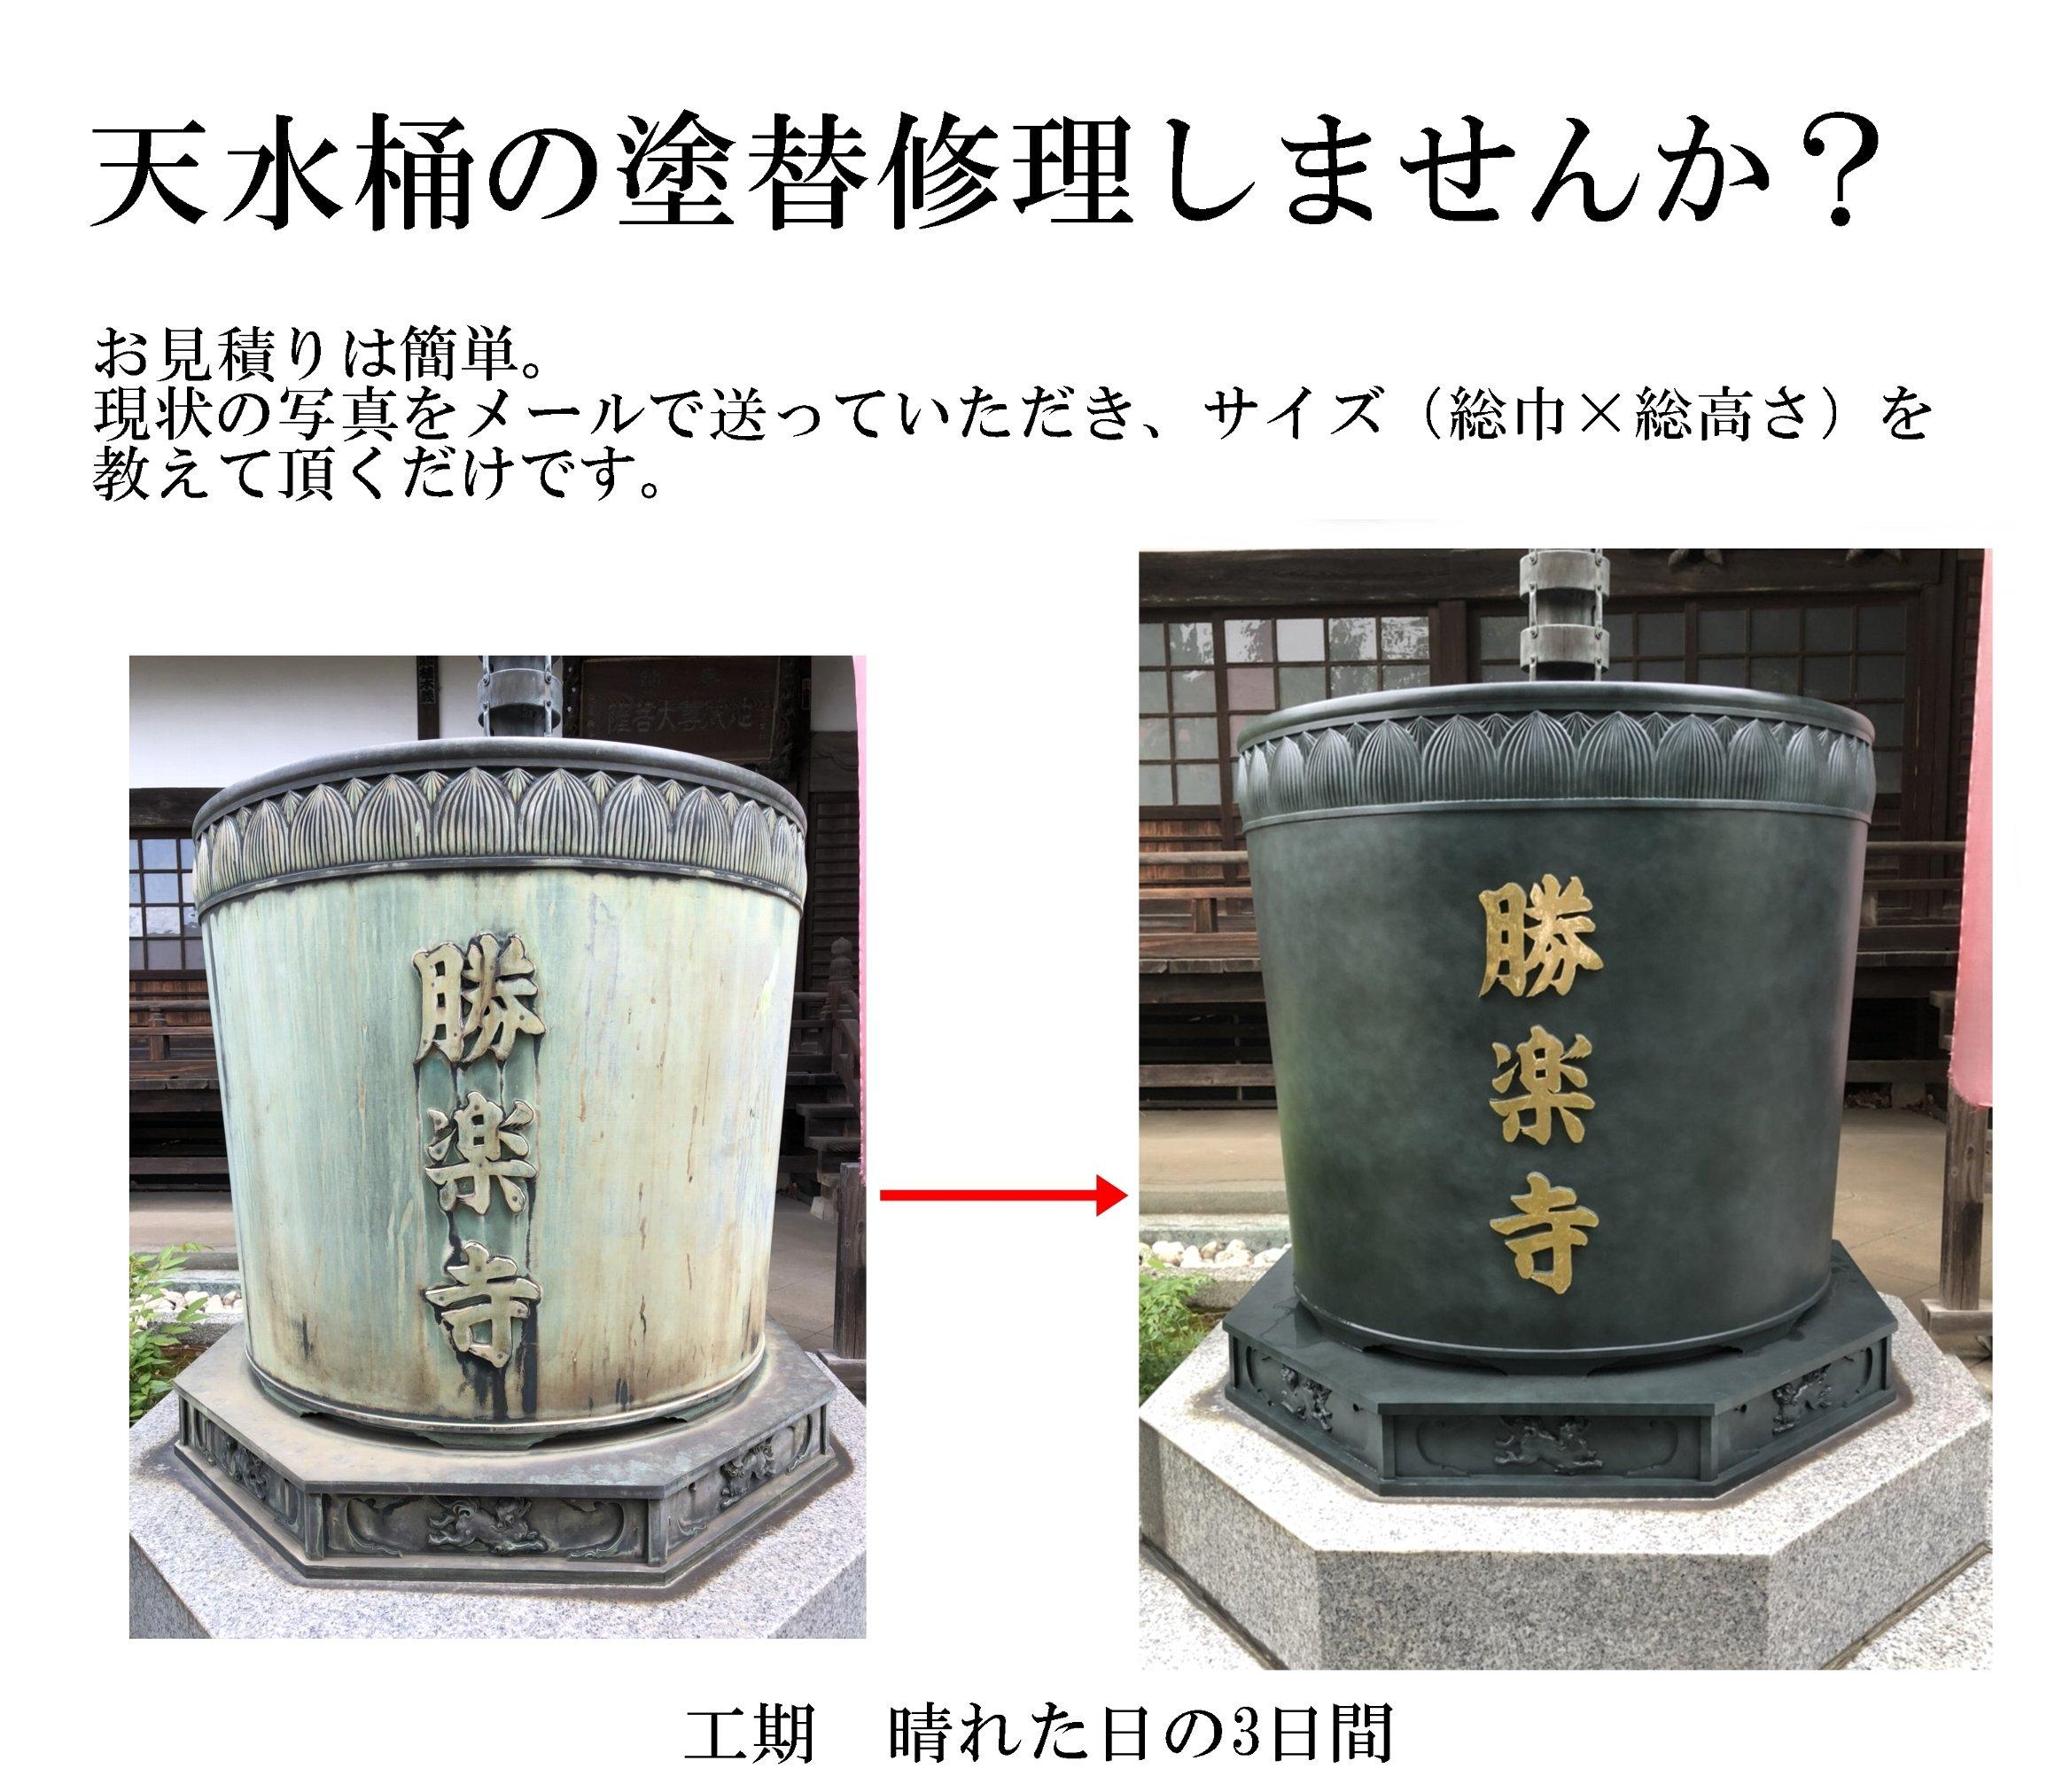 天水桶 塗替修理